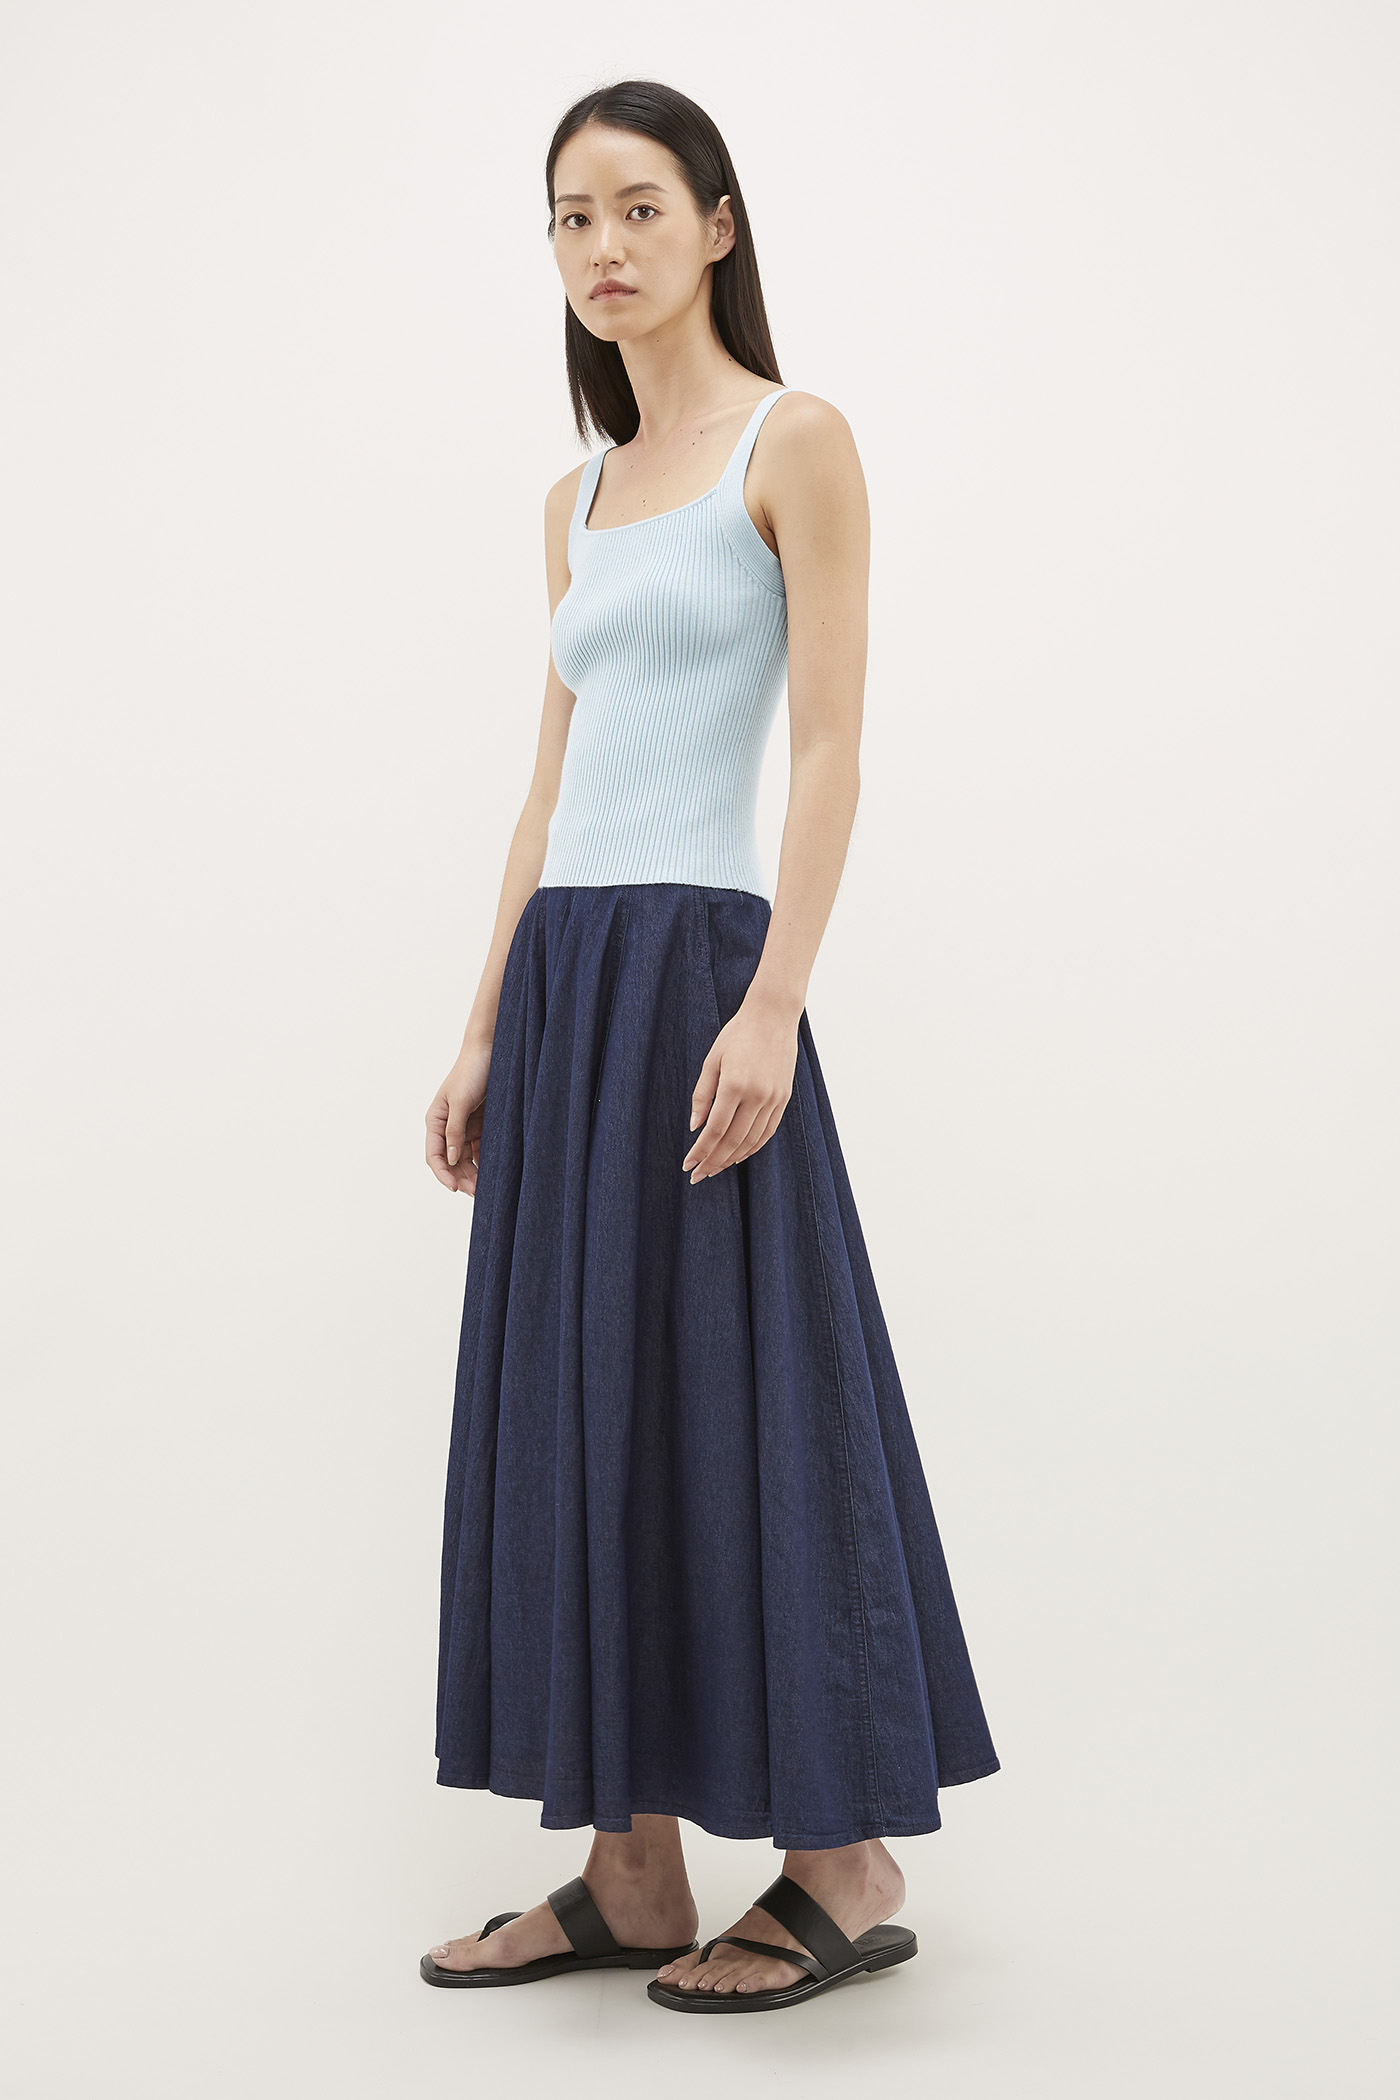 Dinaz Circular Skirt